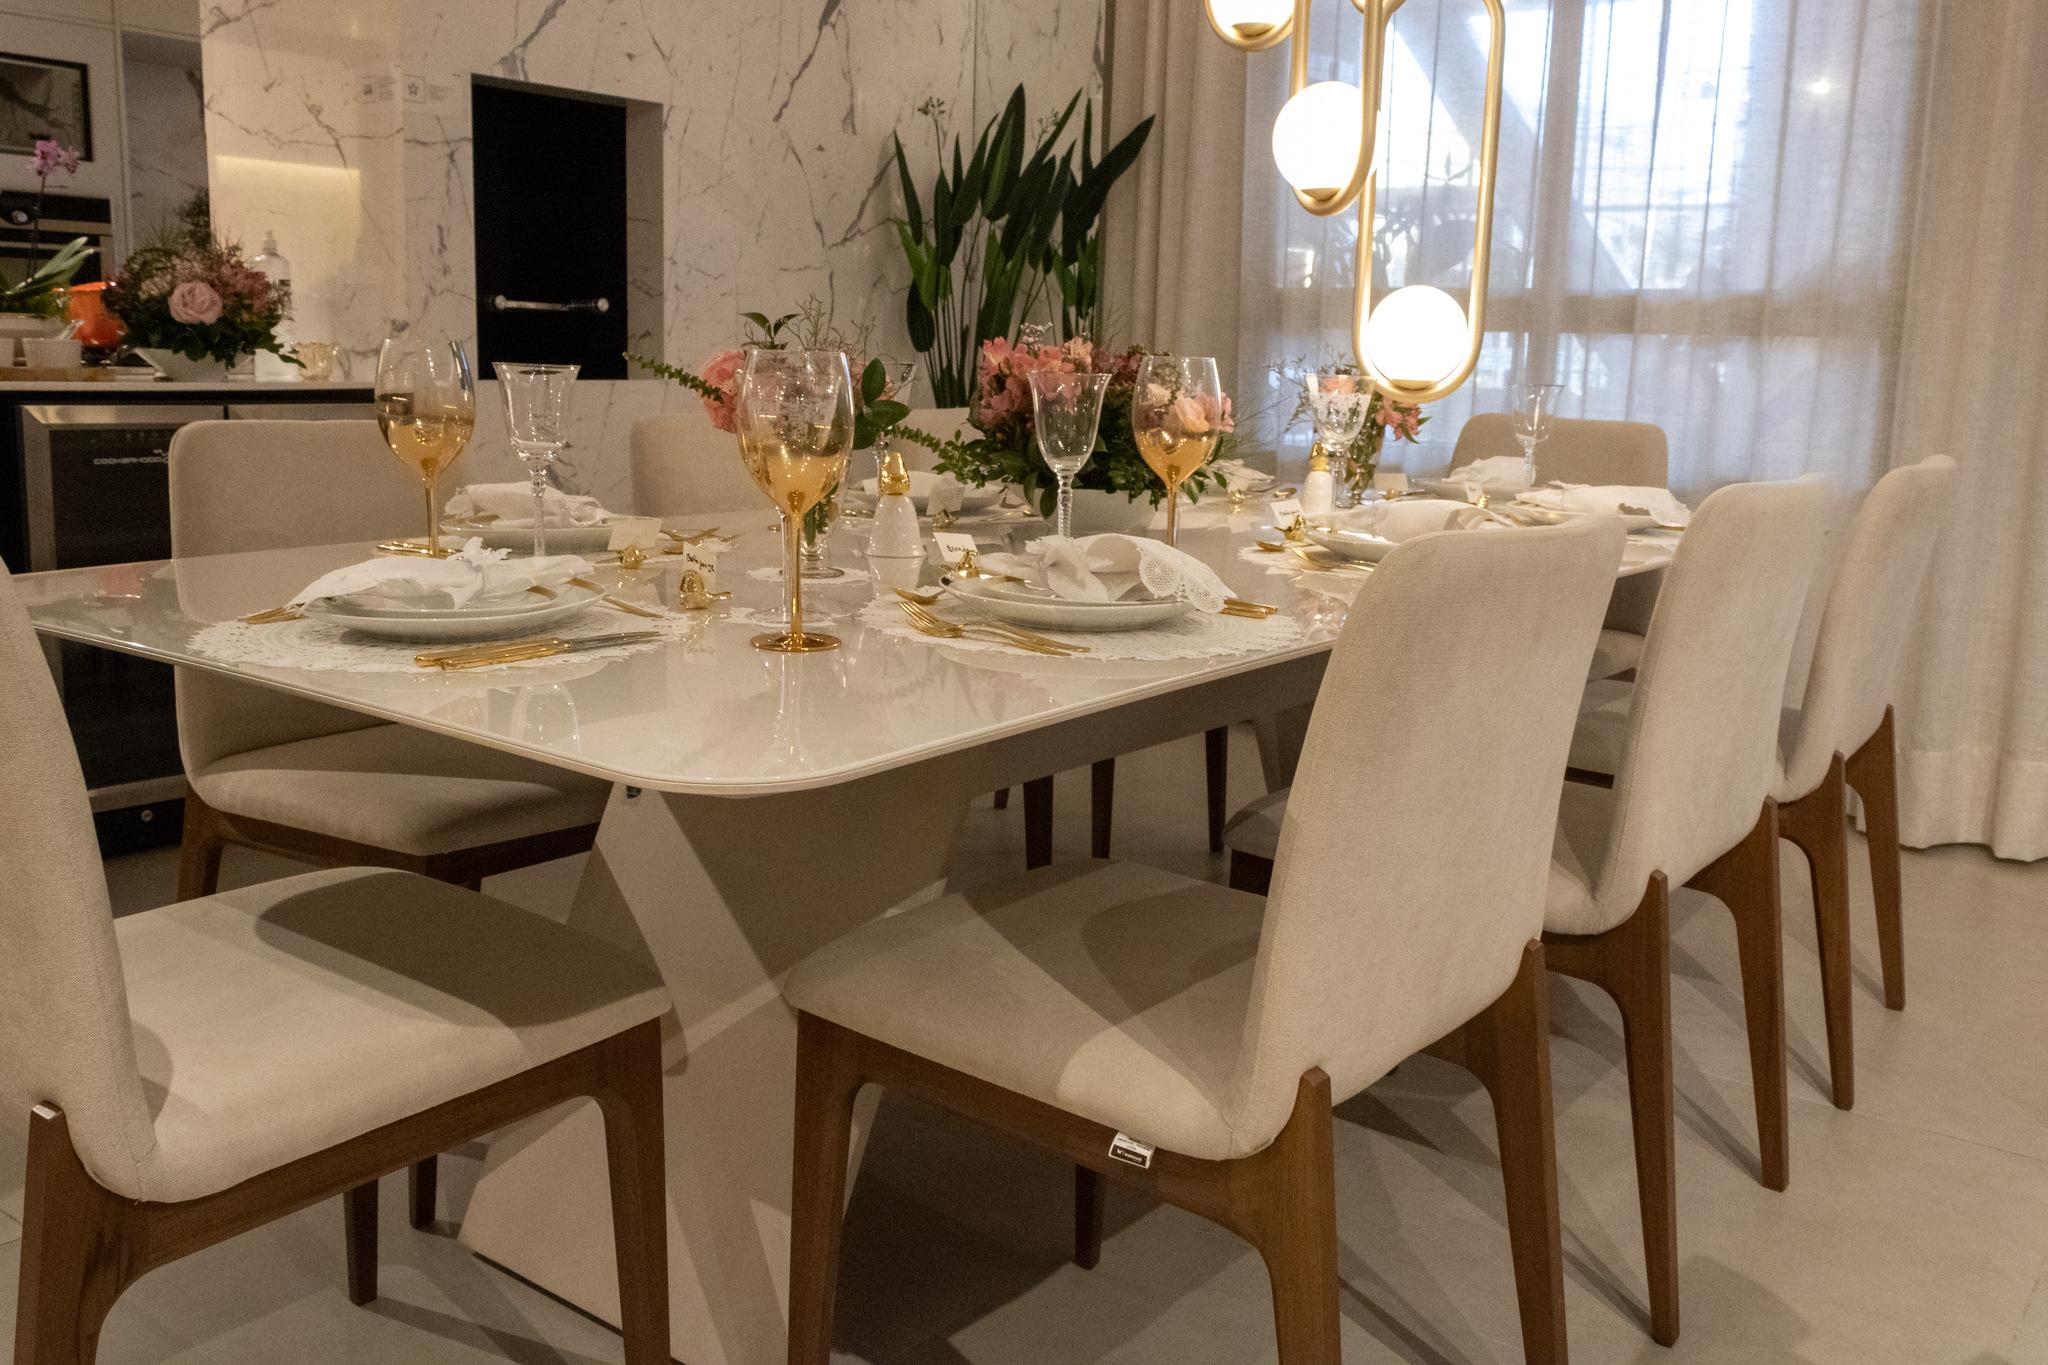 Mesa posta com renda Renascença, louças em porcelanas brancas com dourado, faqueiro, taças e peças decorativas